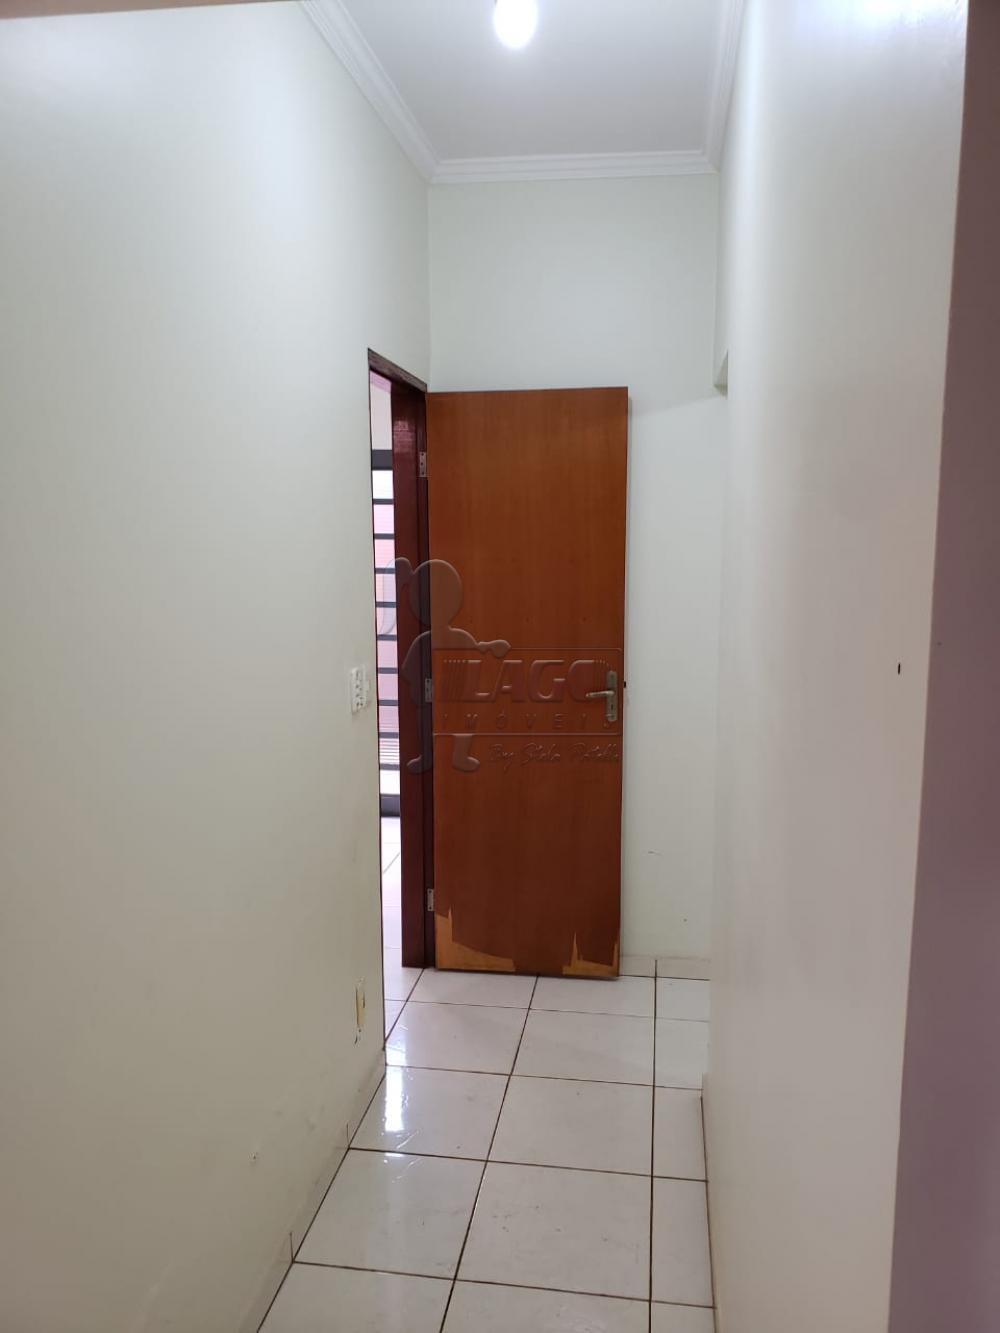 Comprar Casas / Padrão em Ribeirão Preto apenas R$ 260.000,00 - Foto 9